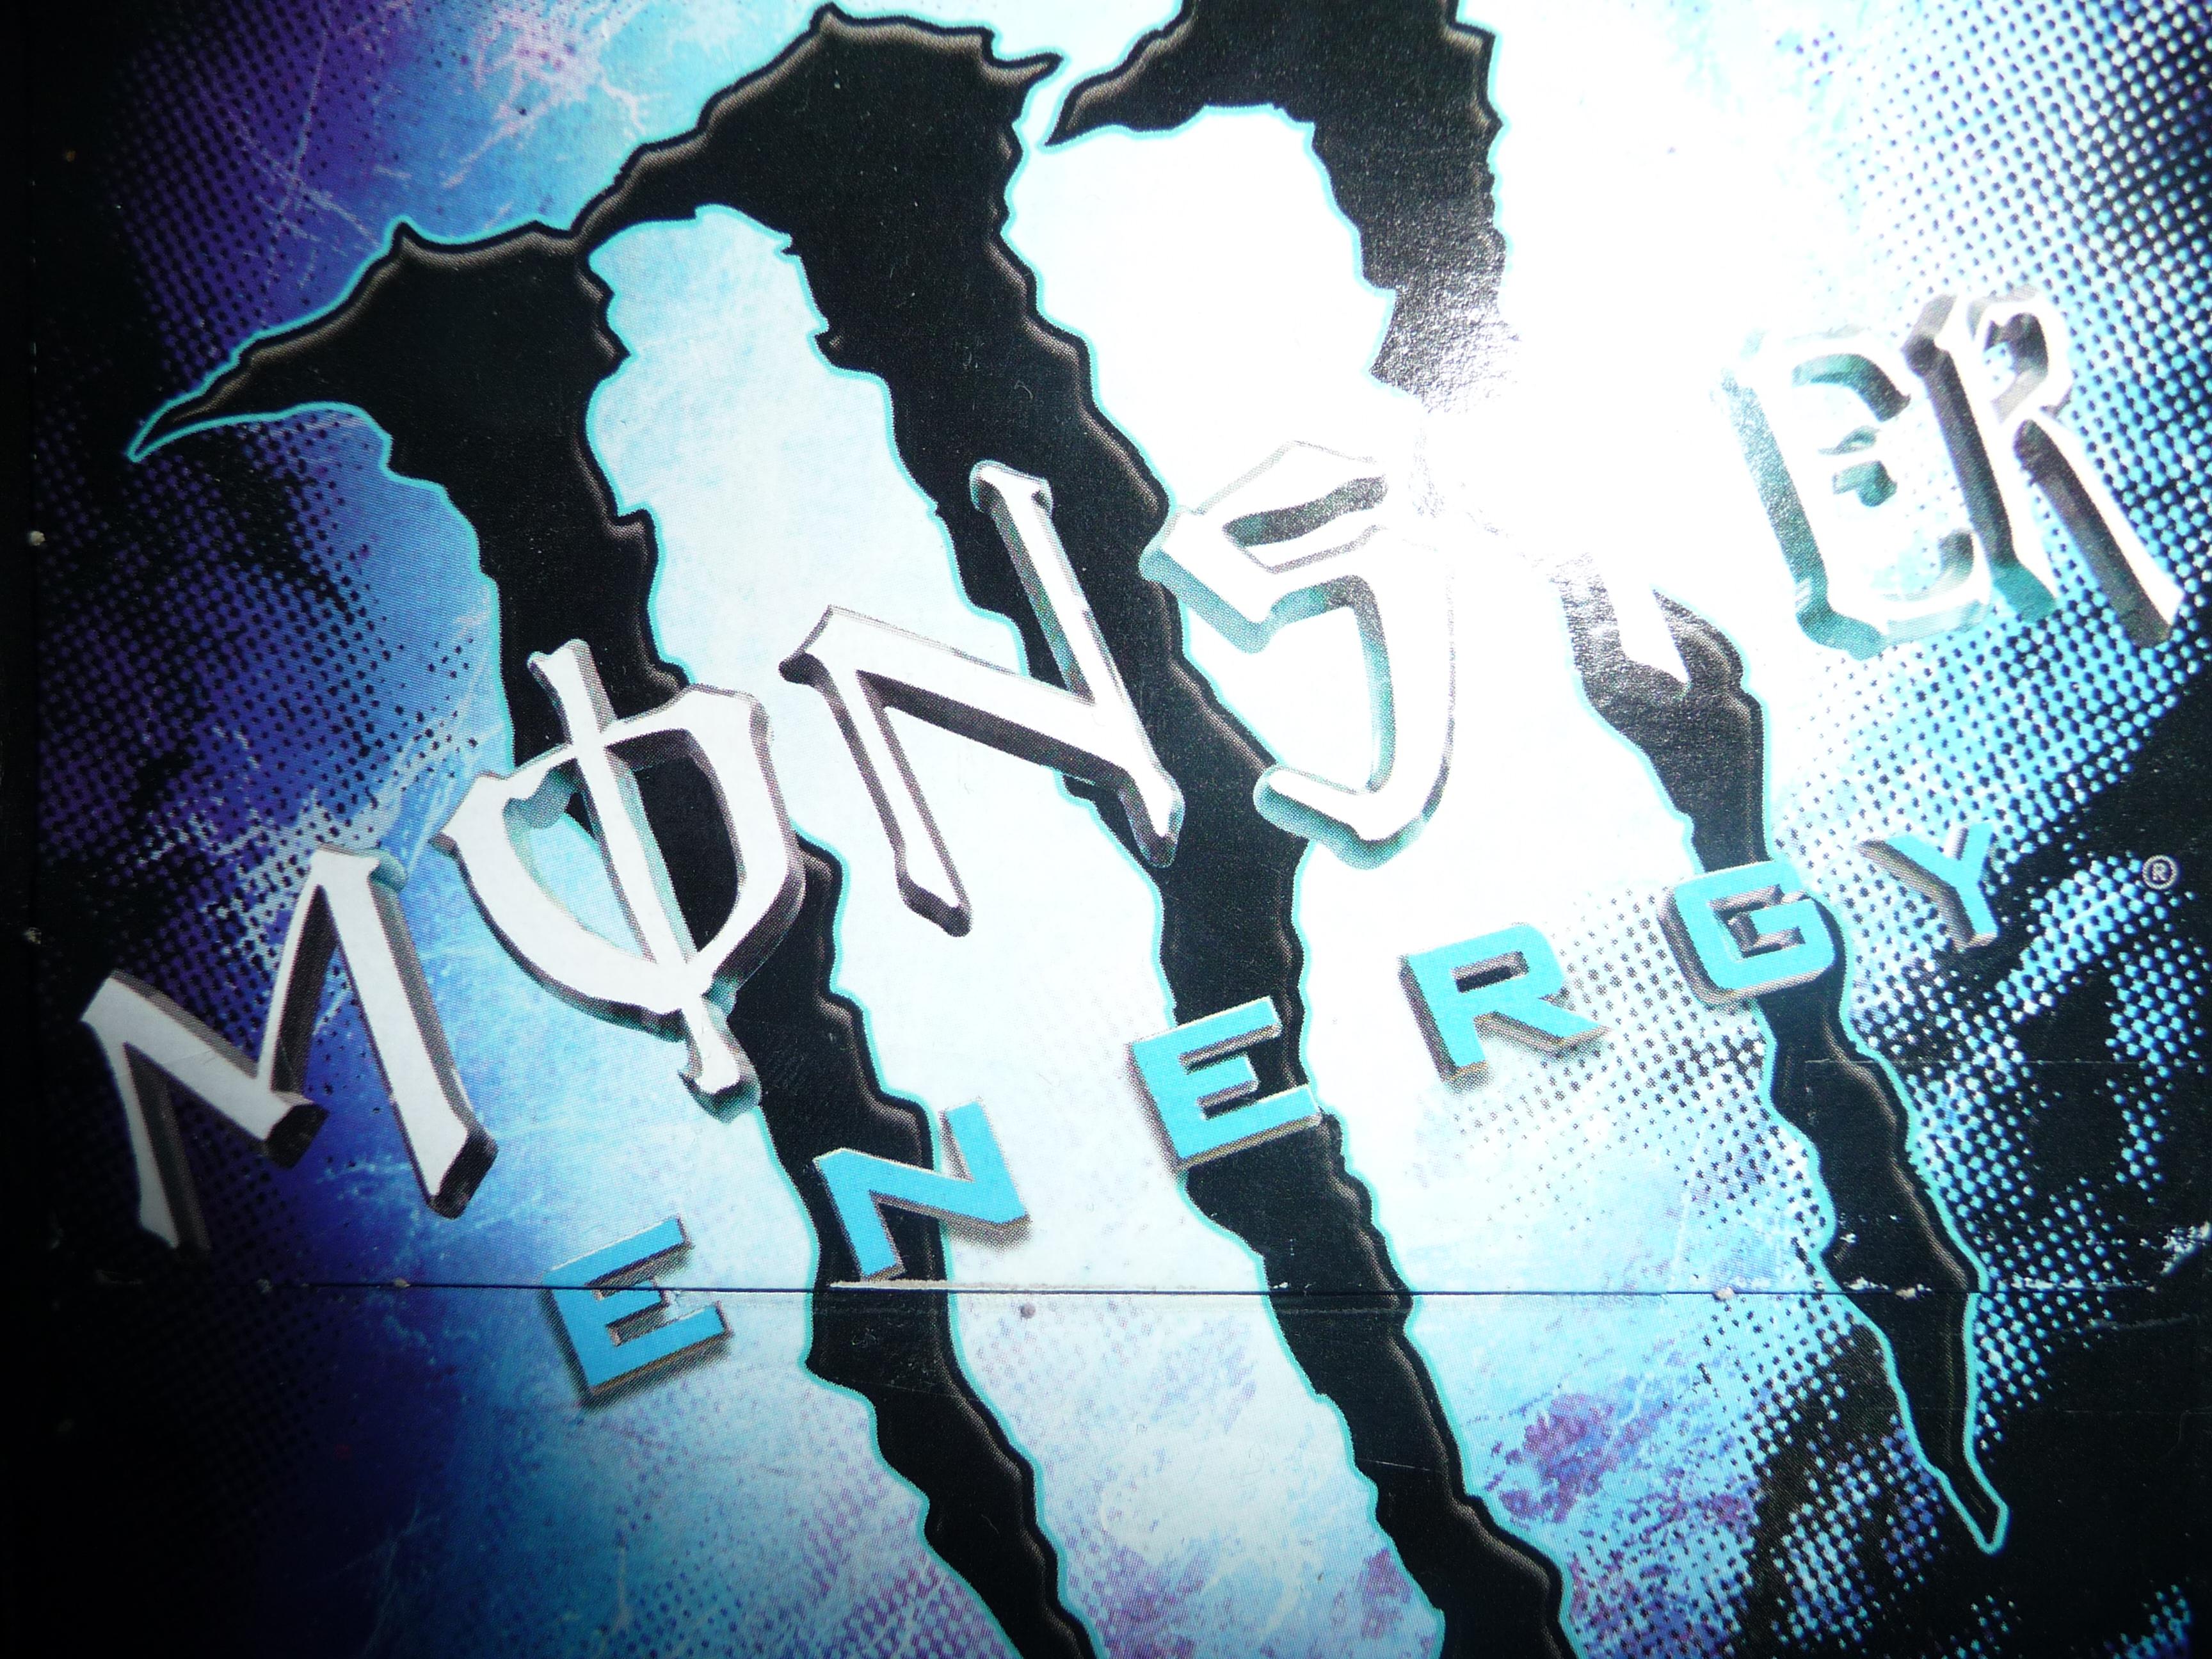 Blue Monster Energy wallpaper   ForWallpapercom 3456x2592